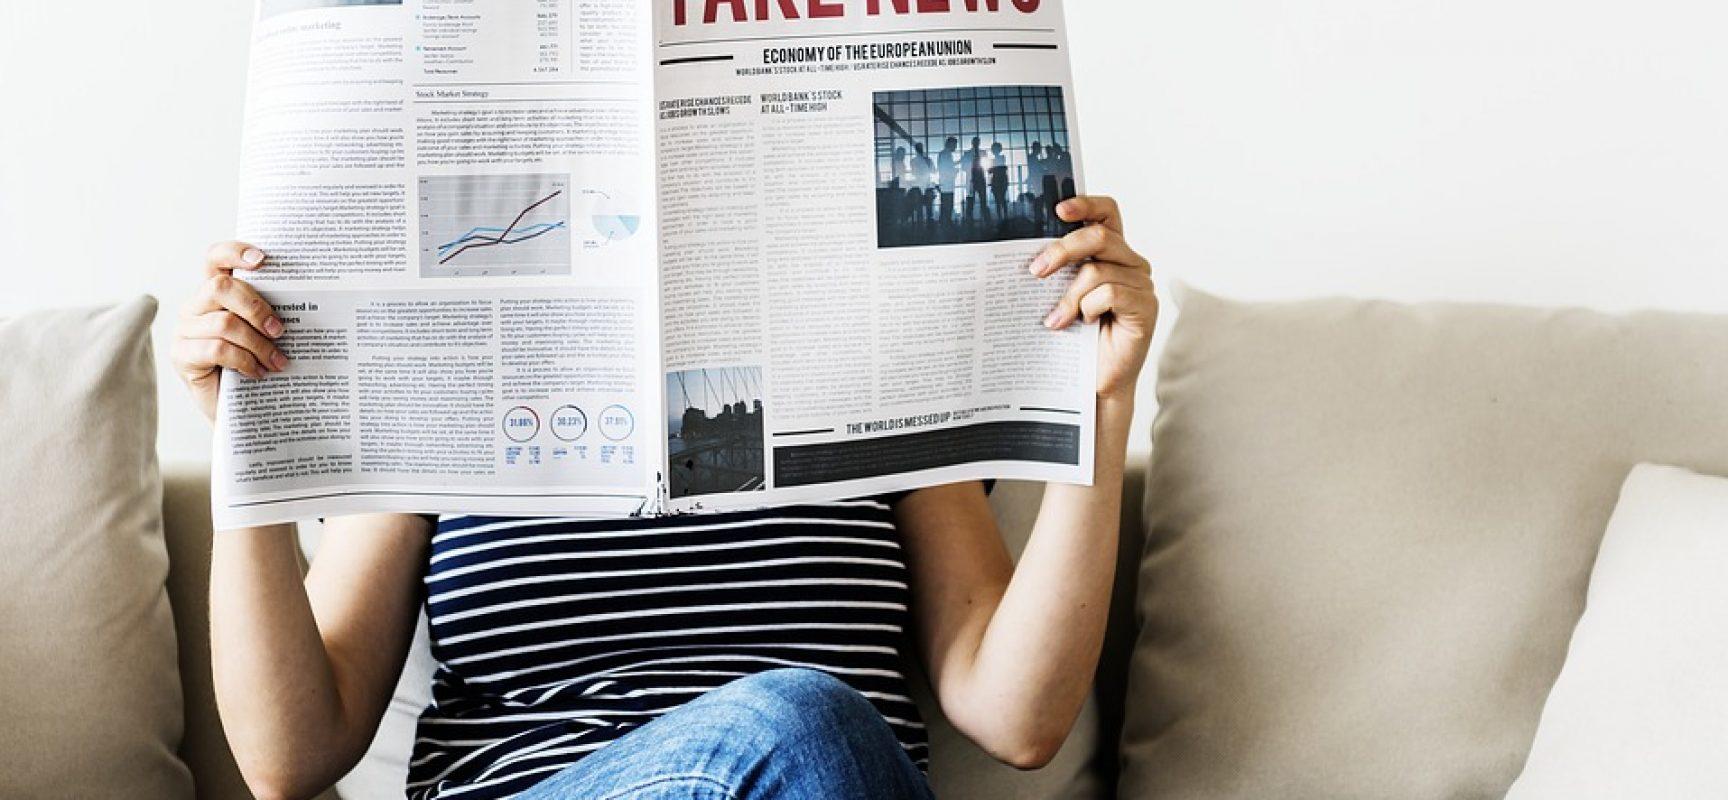 Fałszywa informacja rozmnaża się szybciej niż dementi